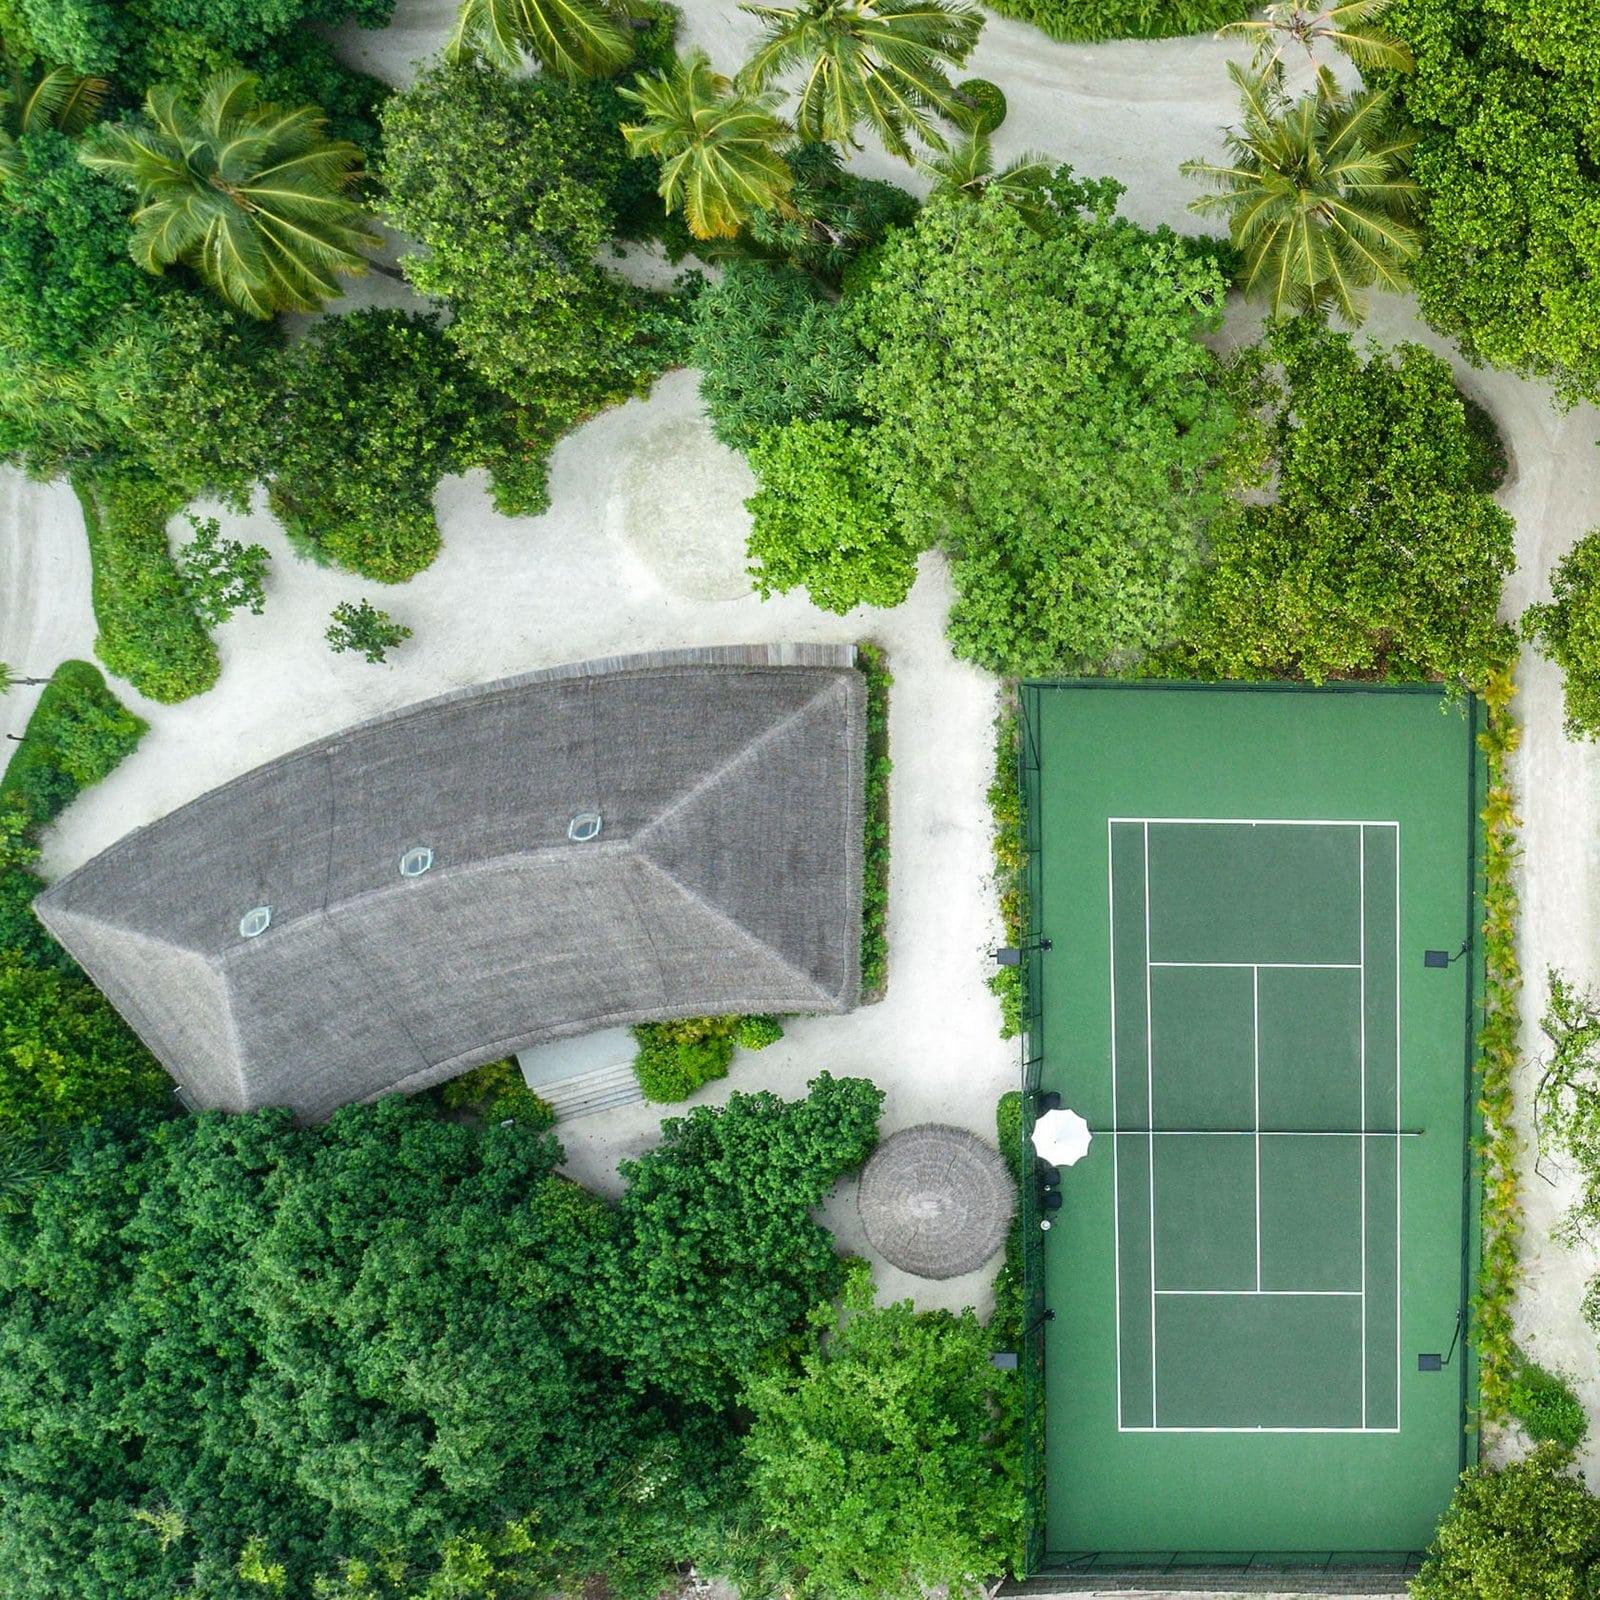 Мальдивы, отель Fairmont Maldives Sirru Fen Fushi, теннисный корт